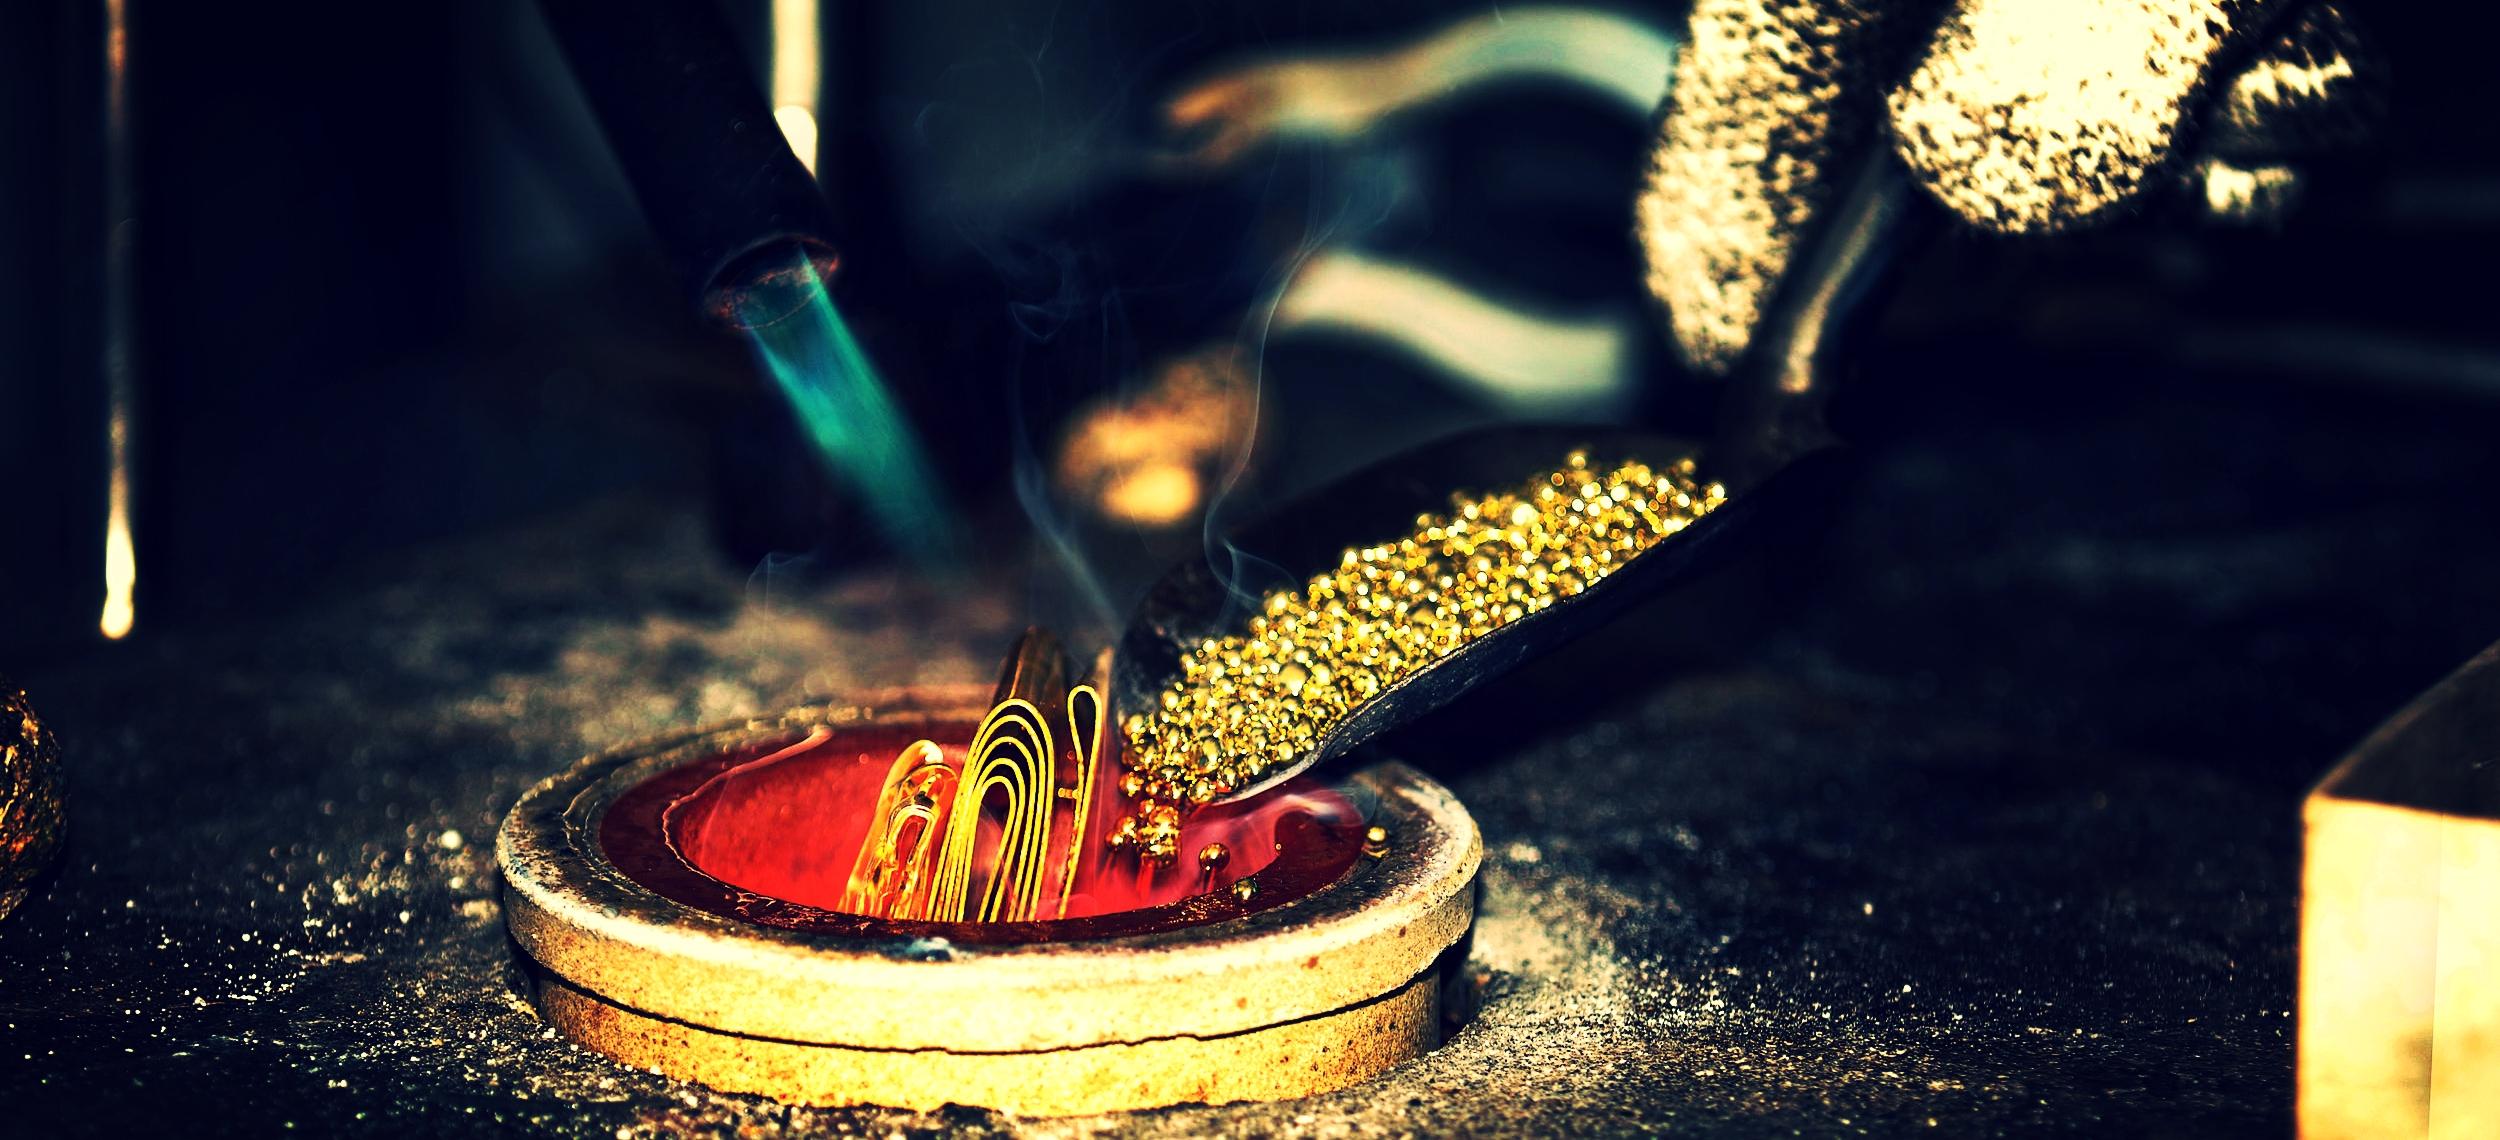 melting-gold.jpg